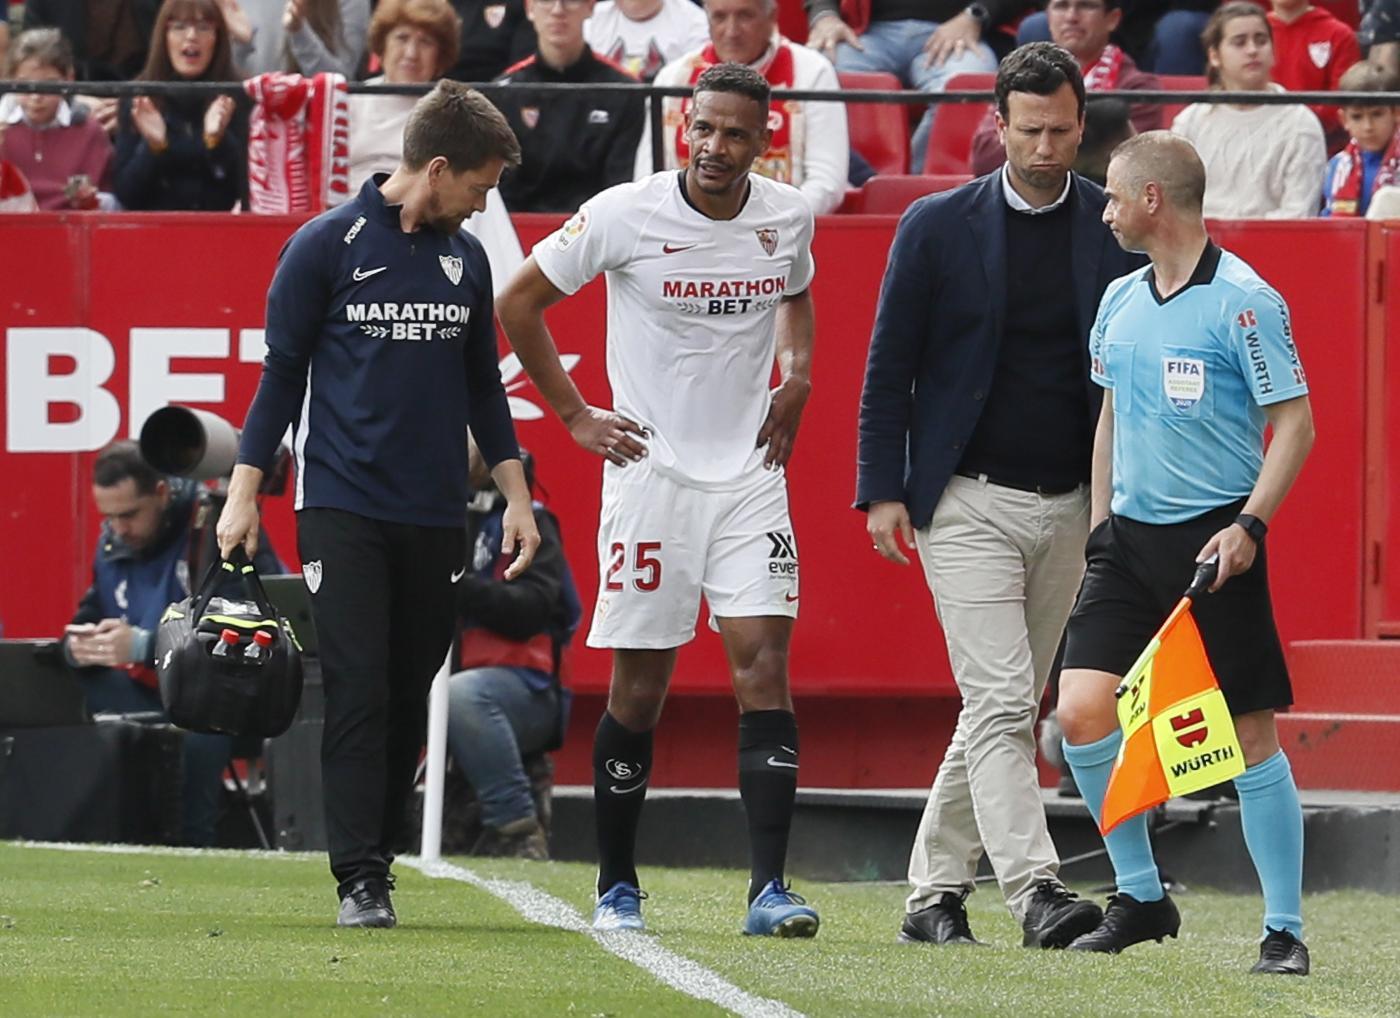 Tiempo de recuperación de Fernando, lesionado del Sevilla